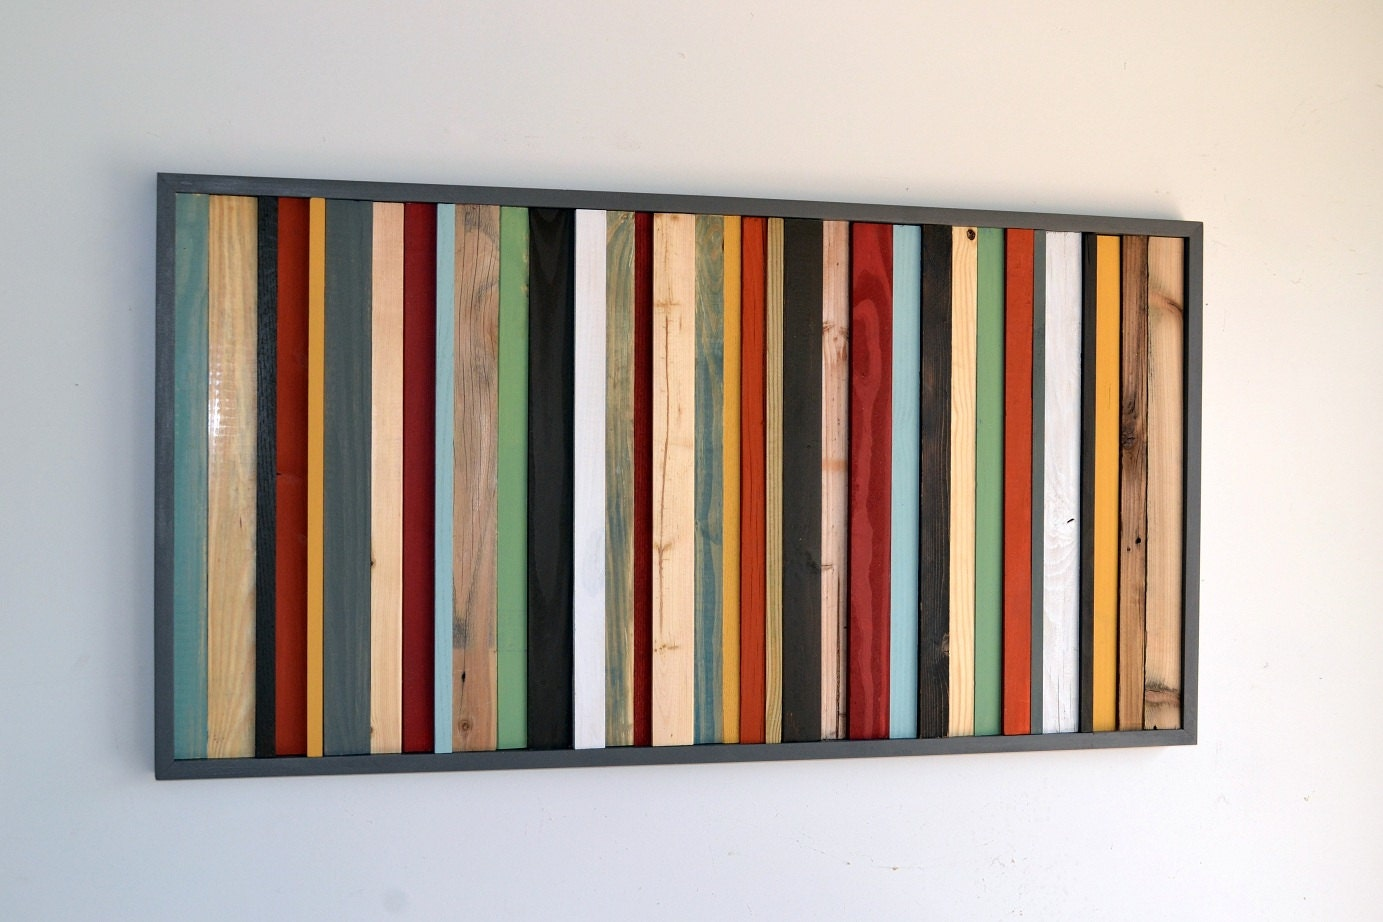 Vintage wood wall art